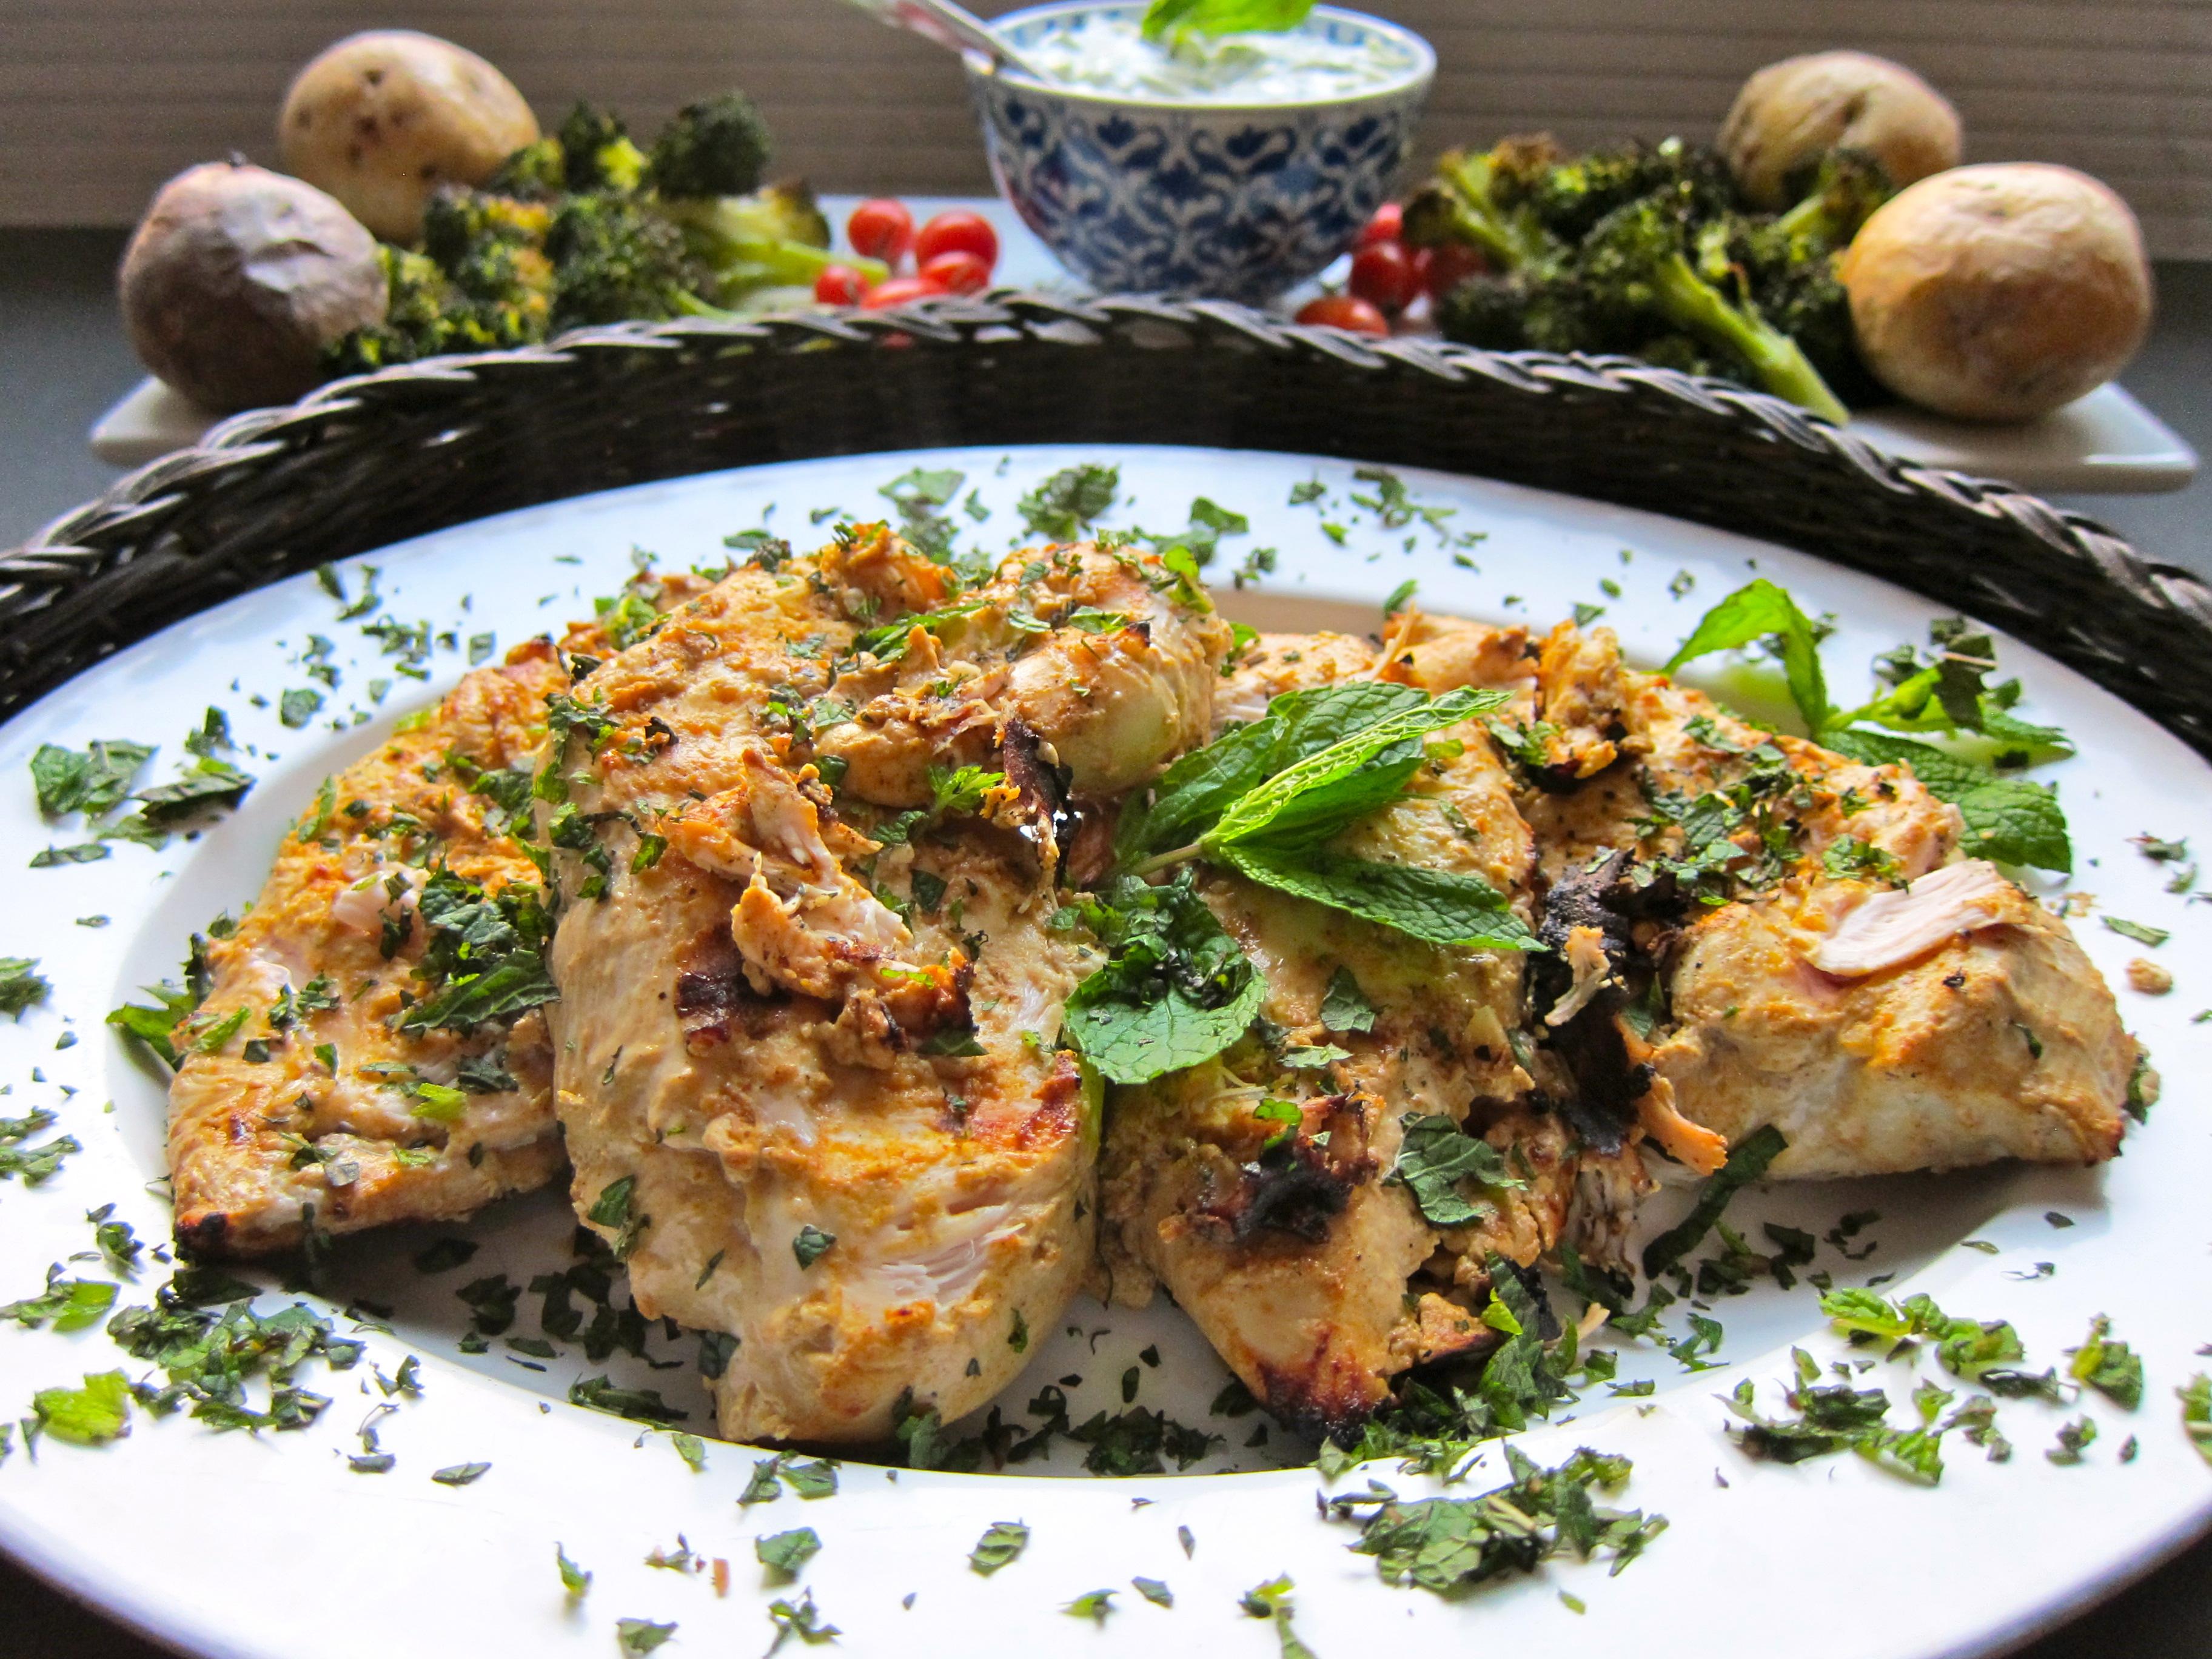 chicken, BBQ chicken, marinated chicken,yogourt marinated chicken, Indian chicken, spicy chicken, chicken dinner, chicken recipe, chicken dinner, recipe, recipes, food, healthy dinner